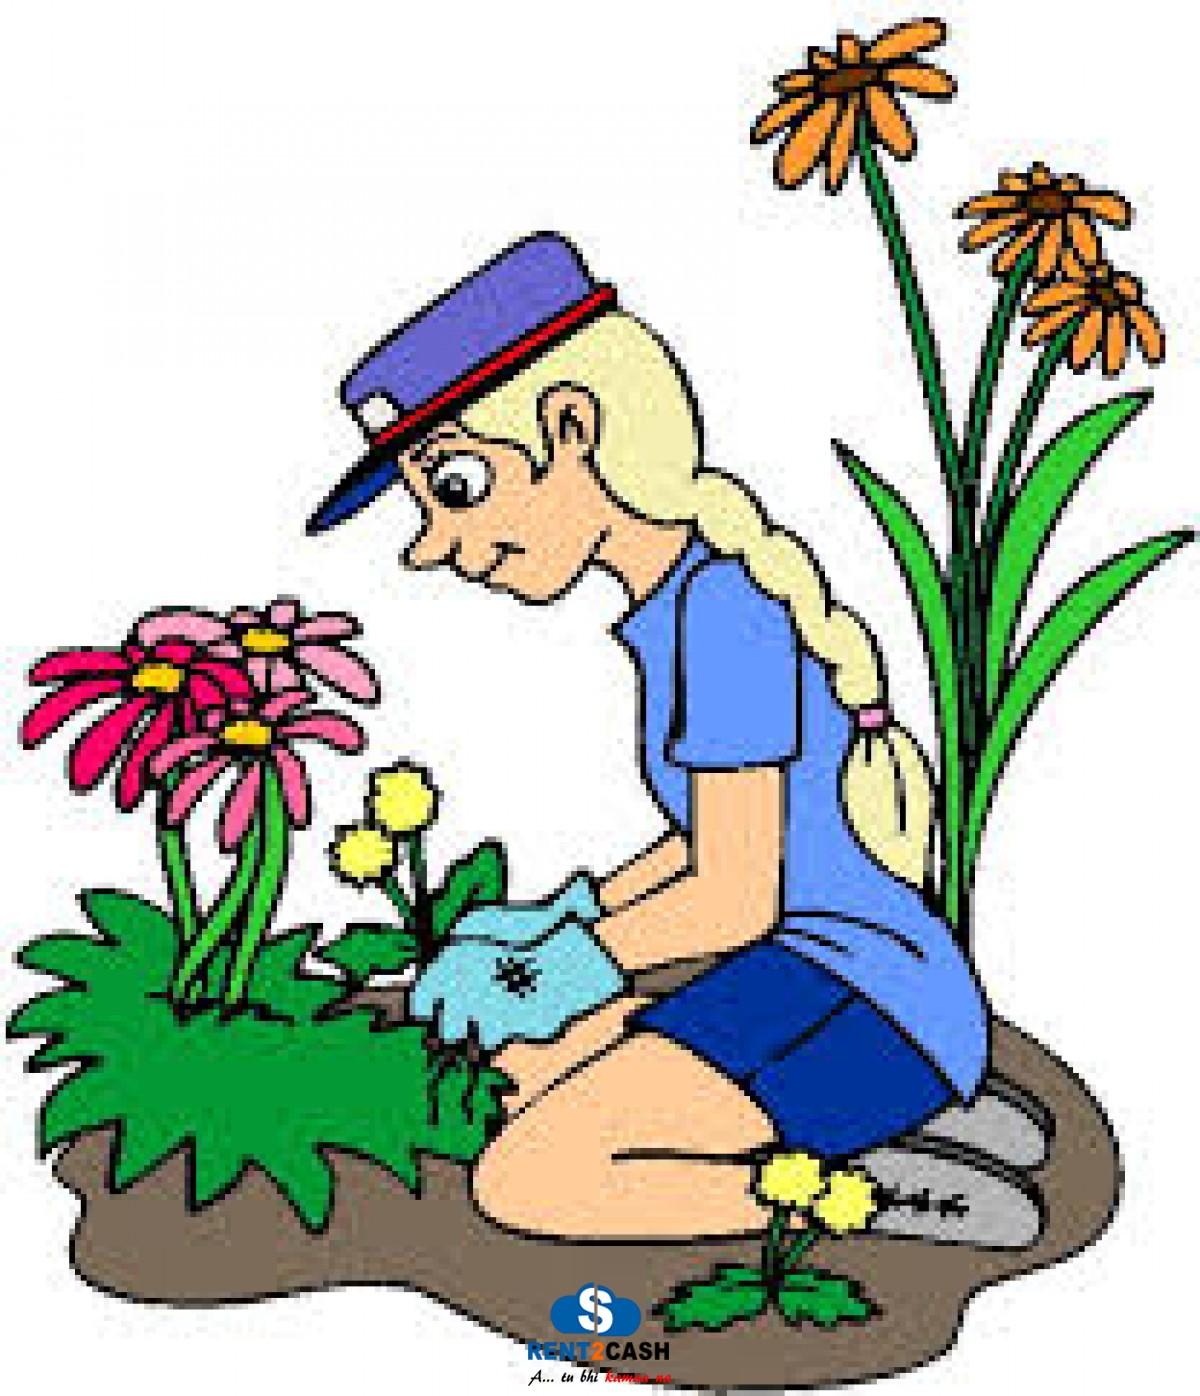 Gardener clipart horticulture. Free download best